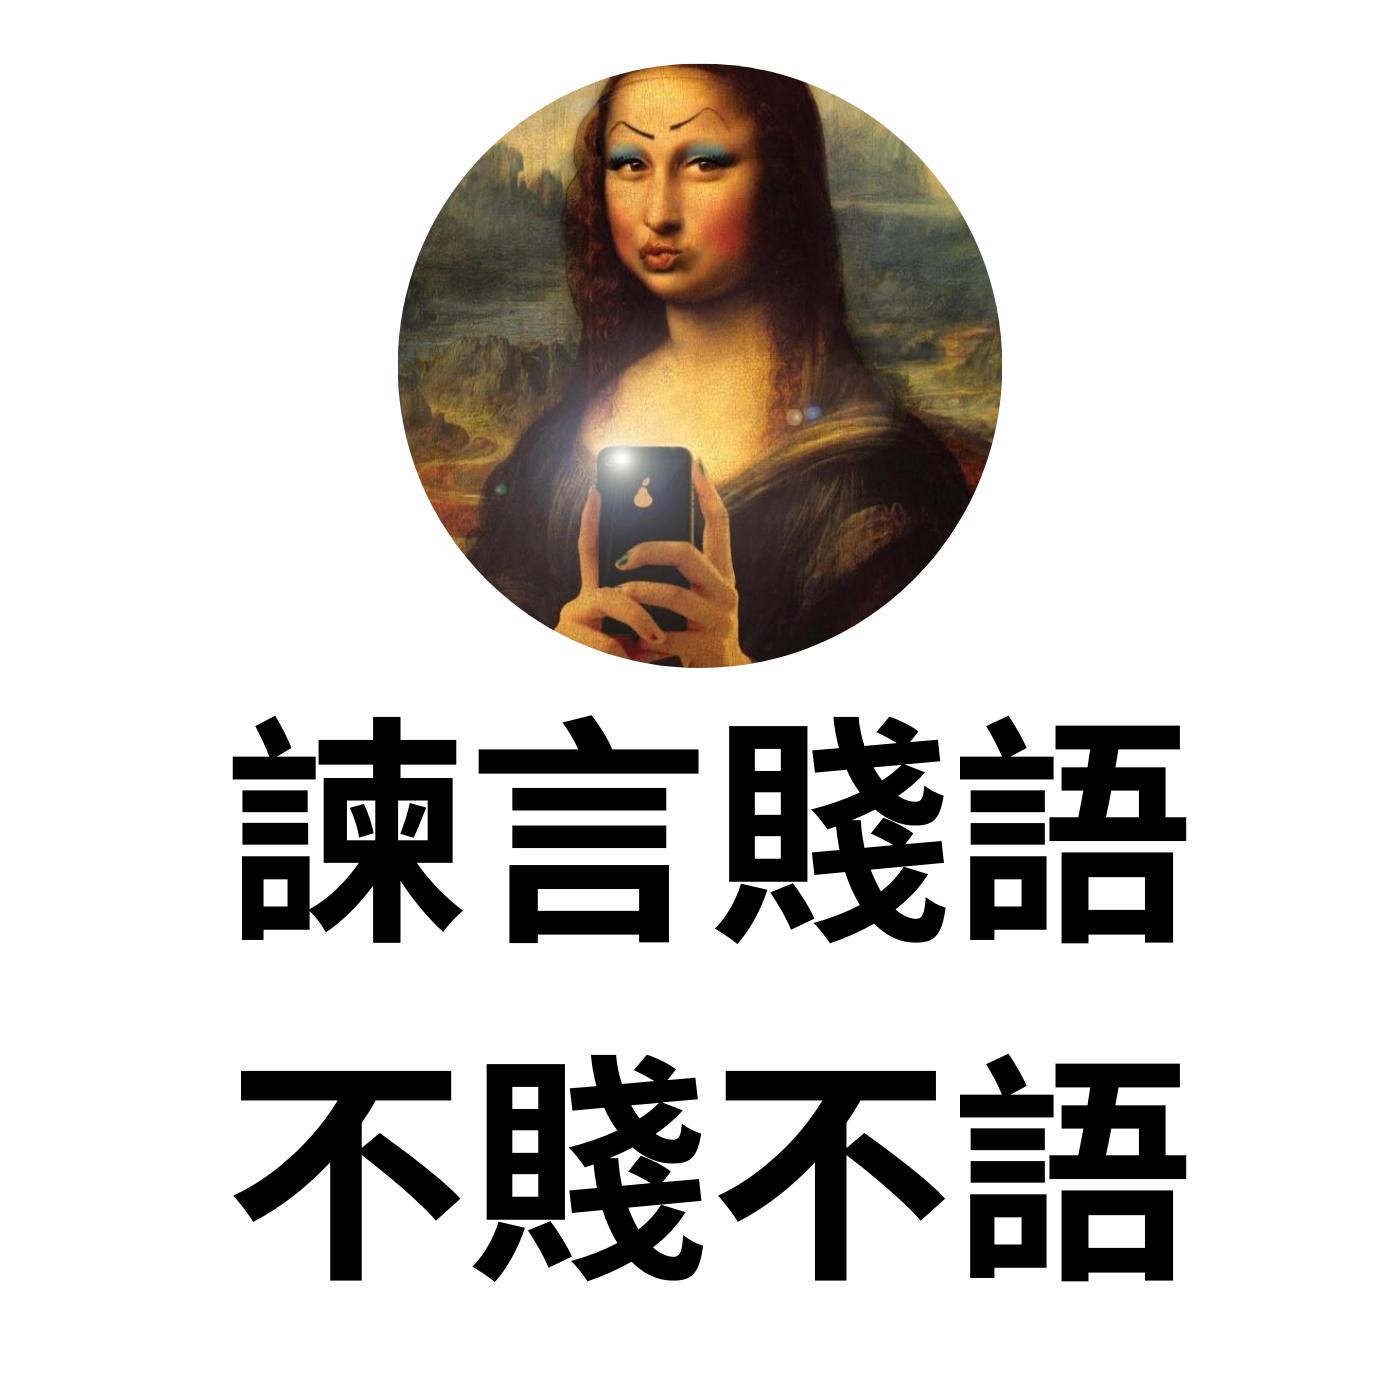 諫言賤語ep10,悄悄告訴你暗戀特輯下半場!feat,小天才